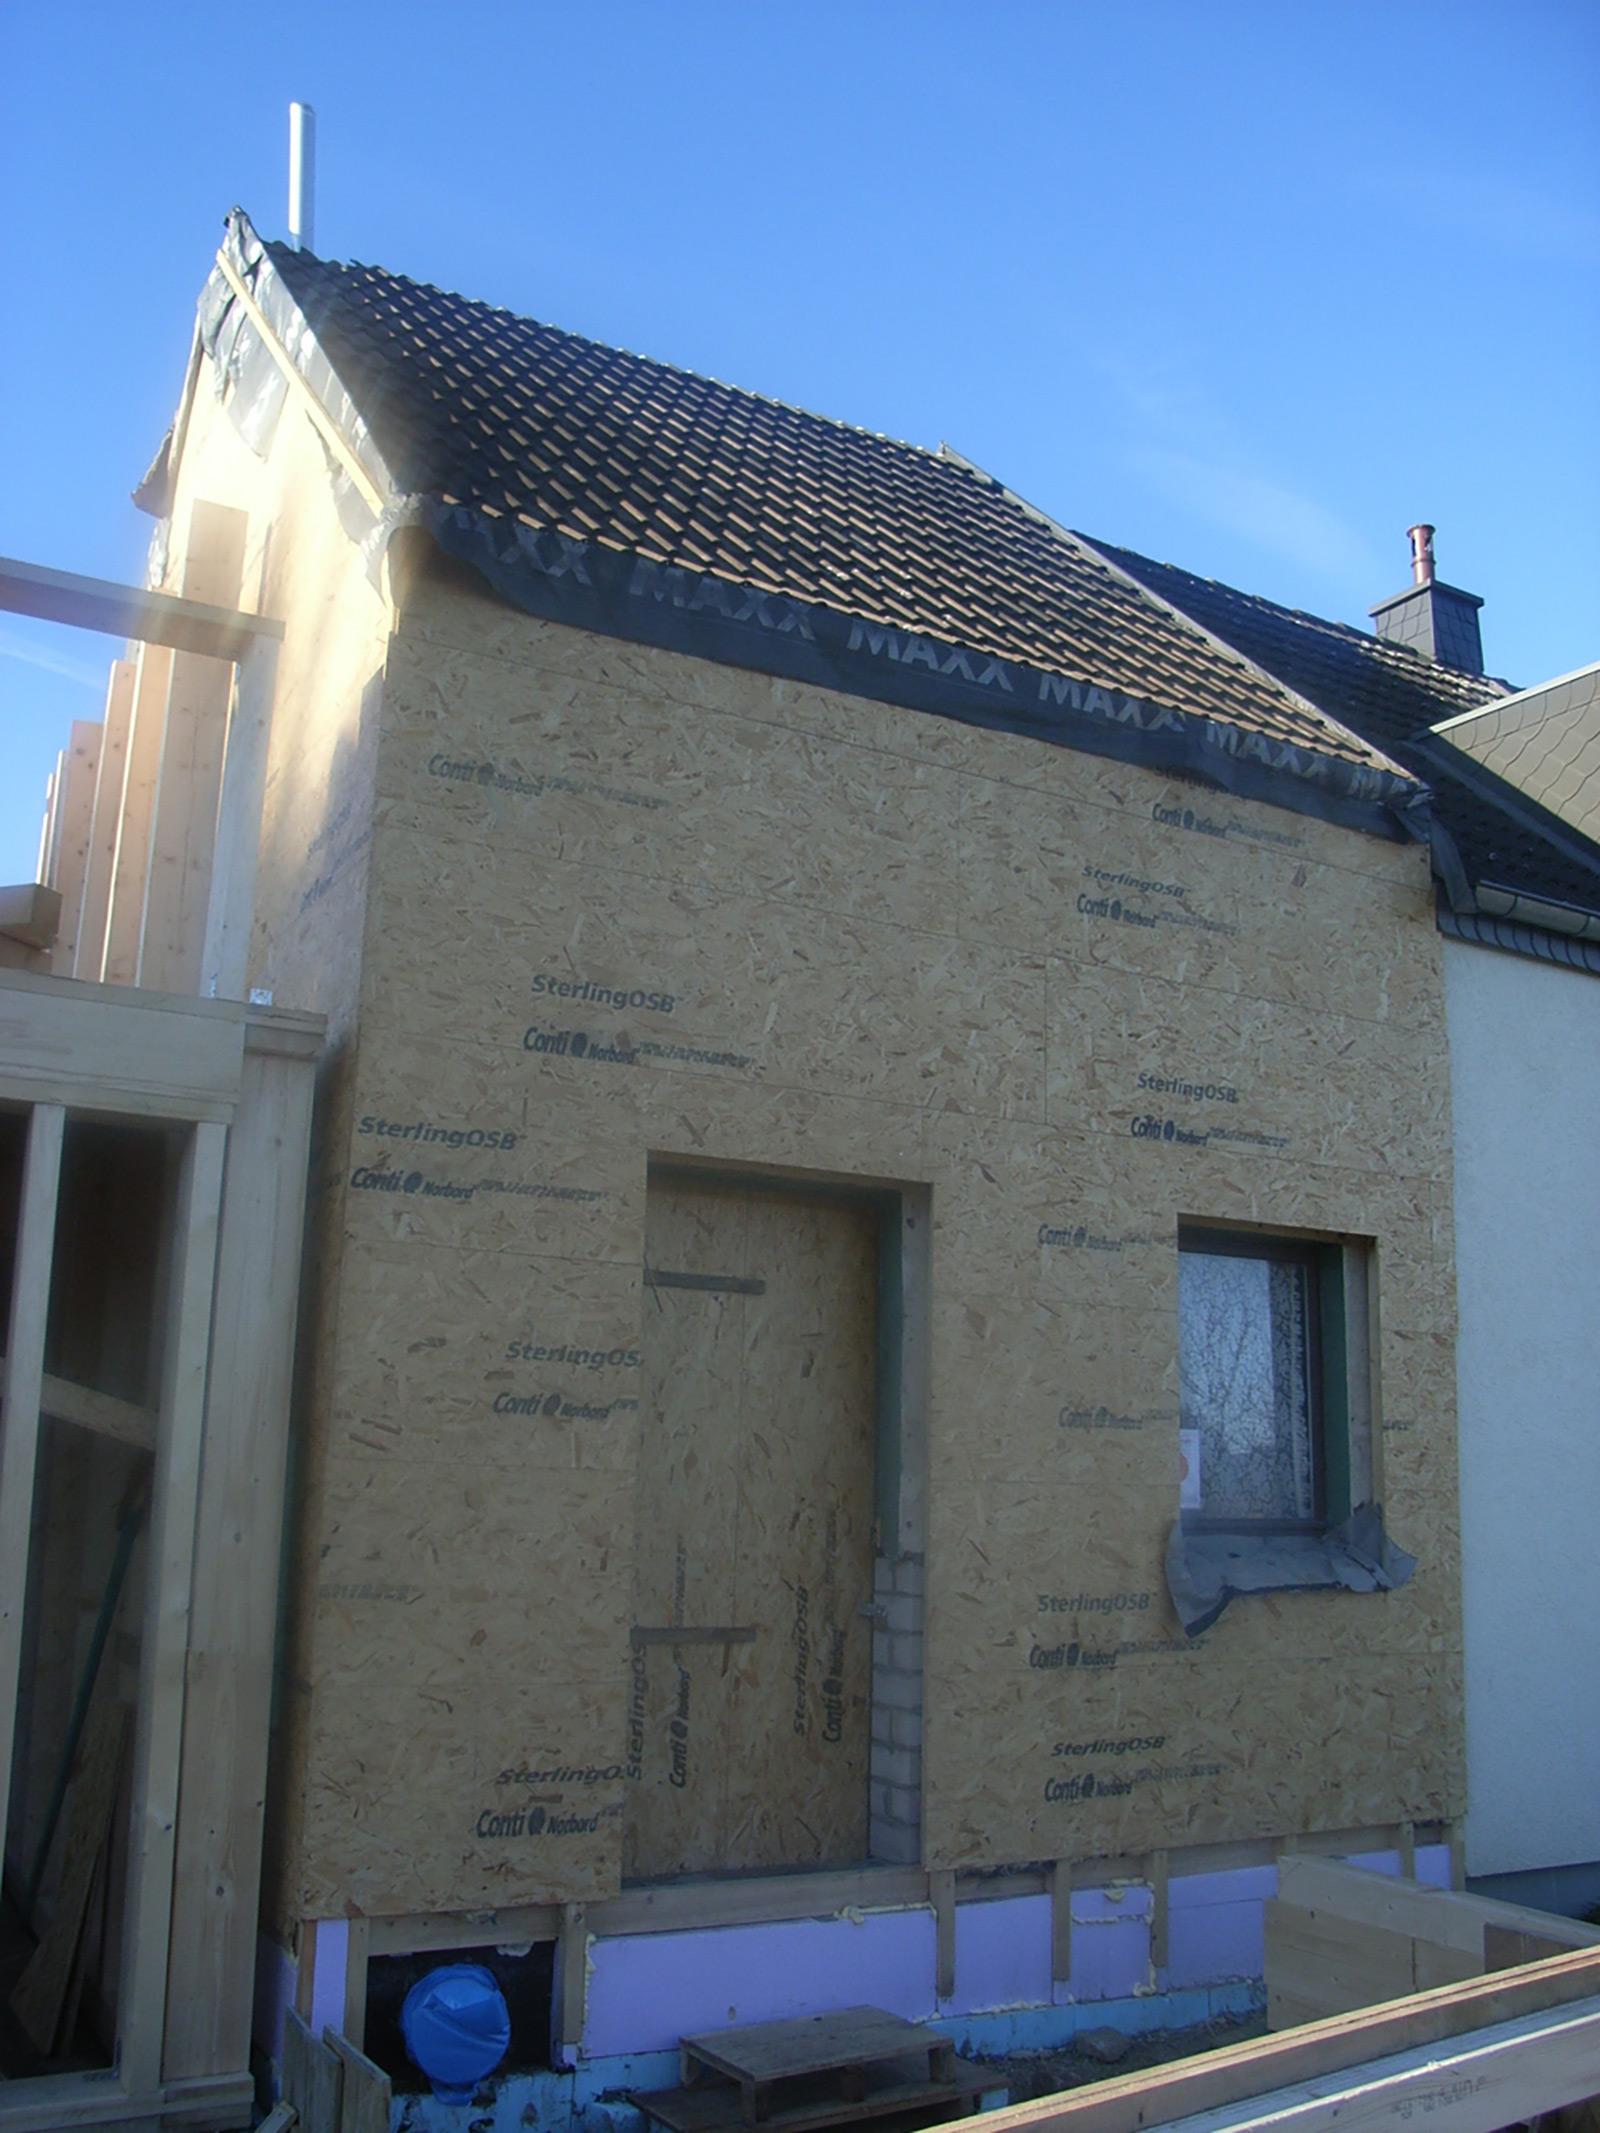 Haus p aachen holzhueter architektur for Architektur aachen